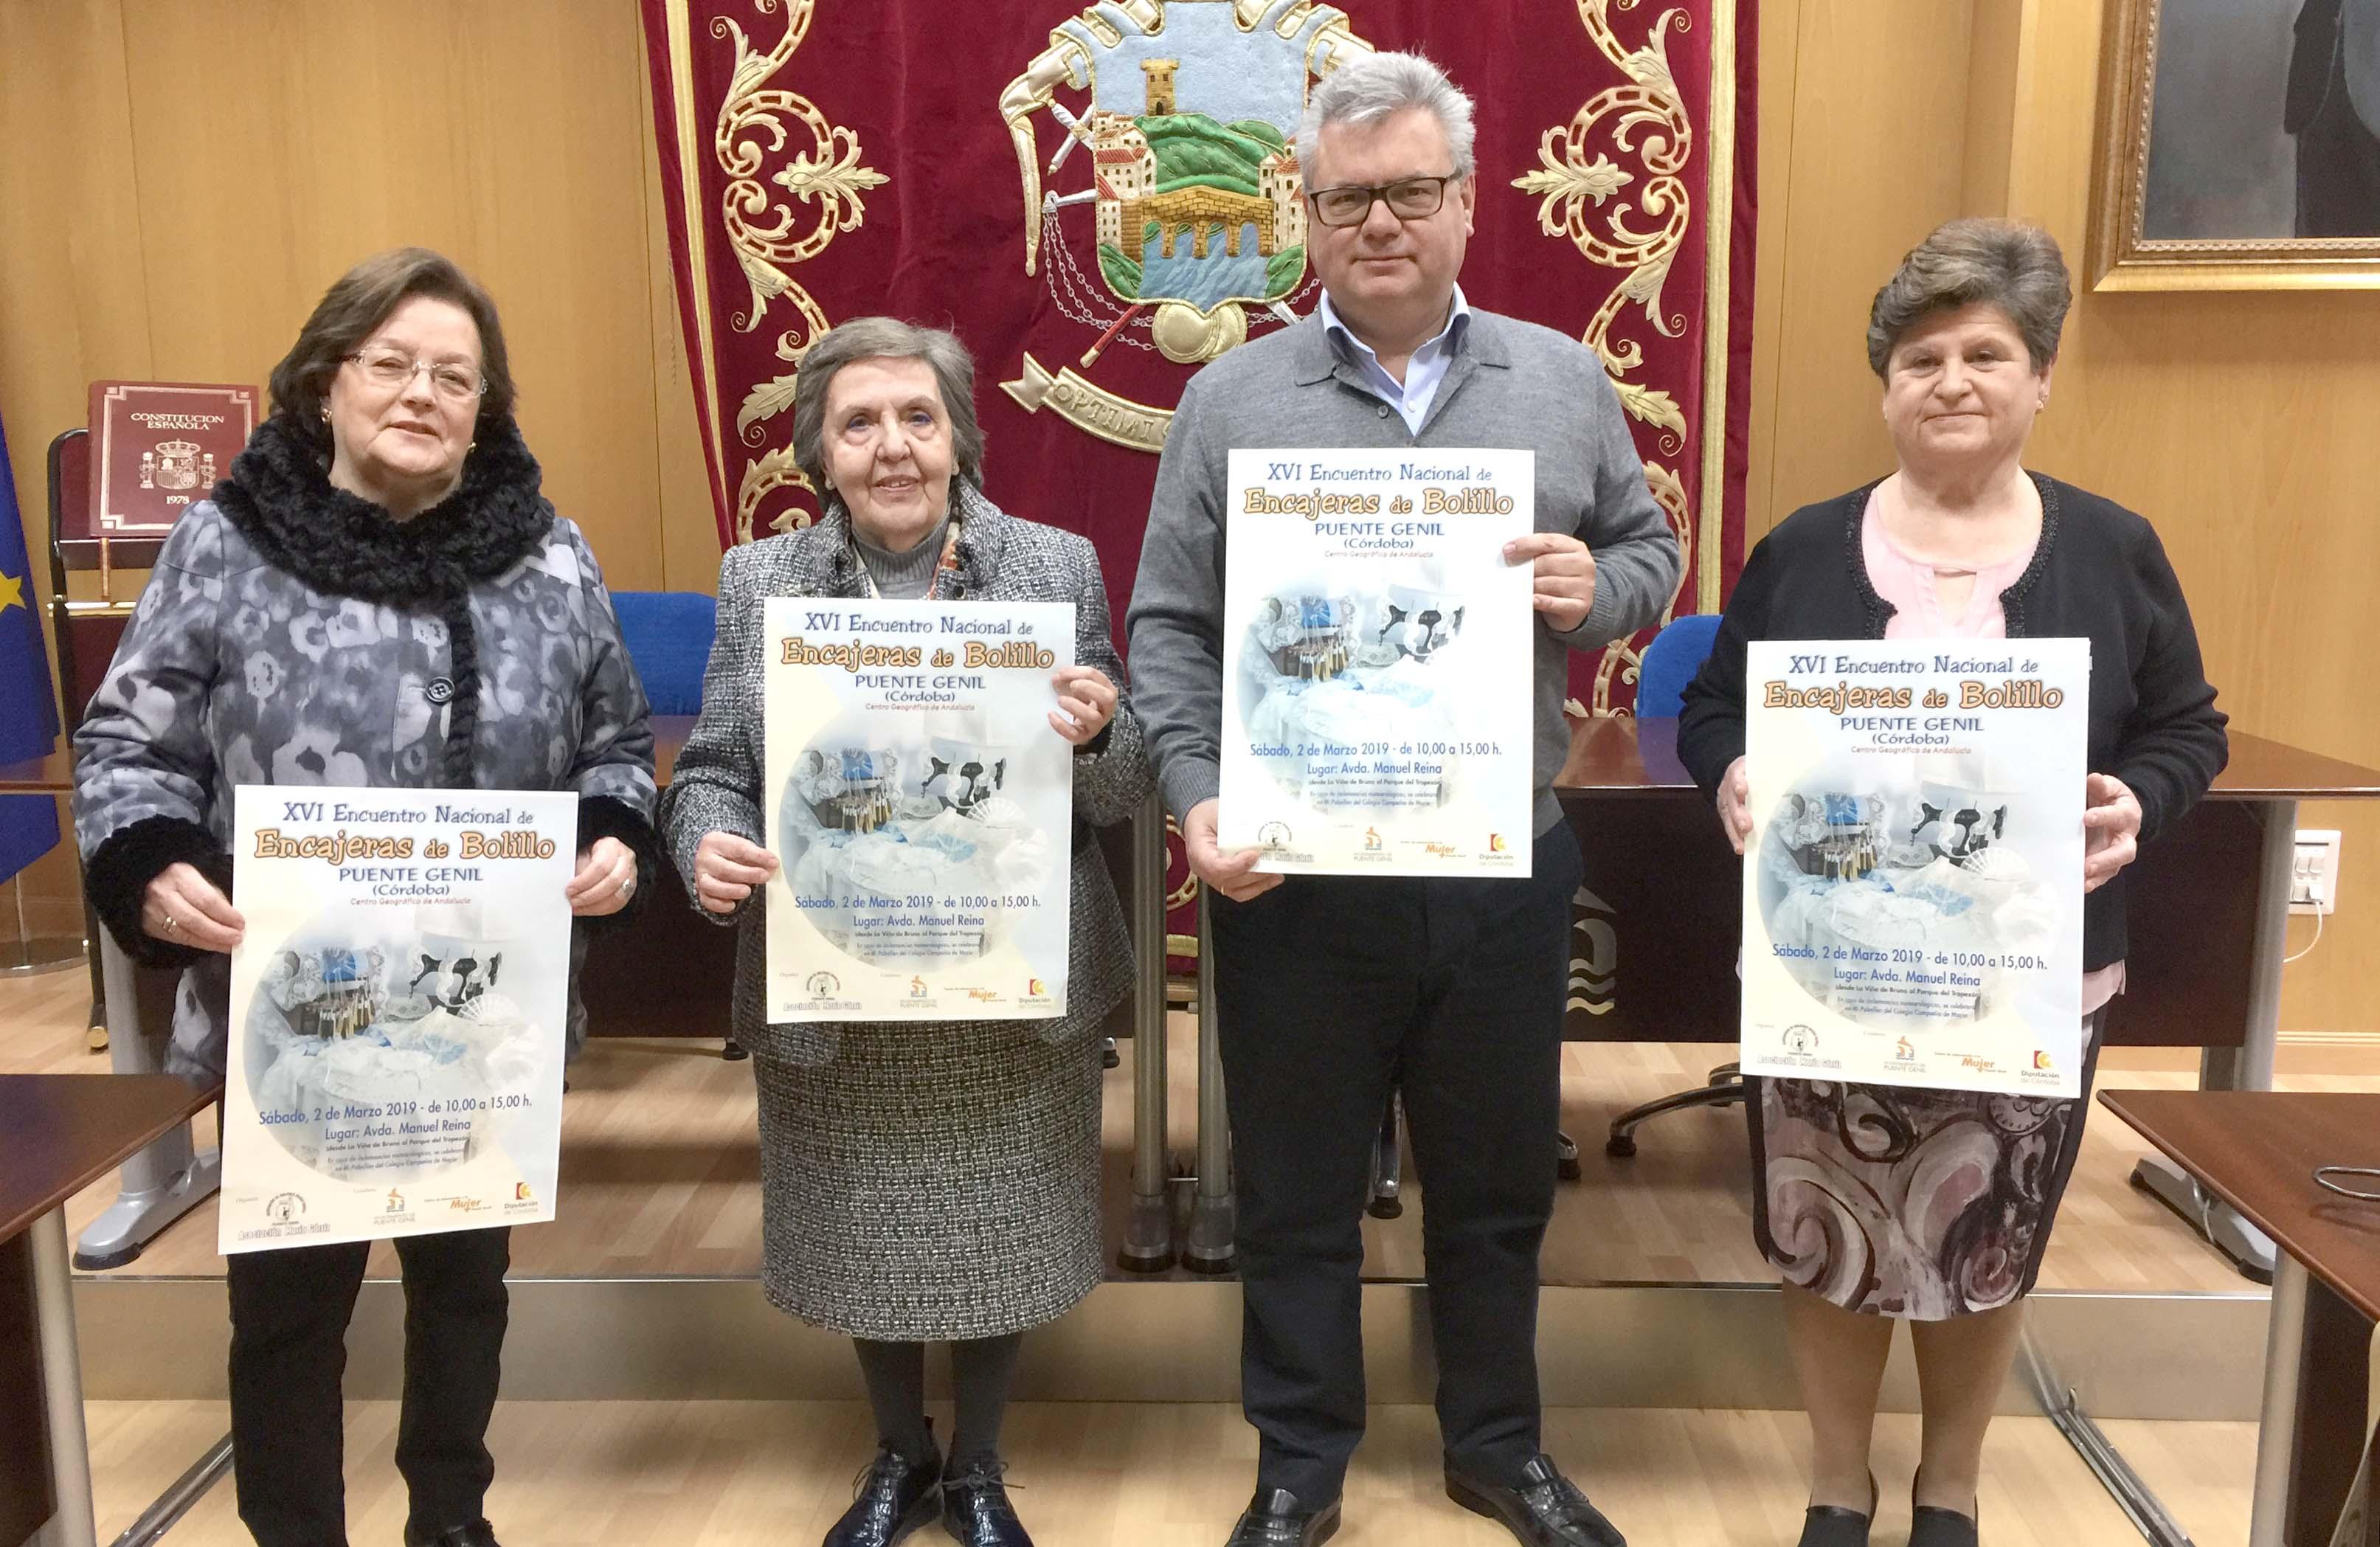 Presentación del Encuentro Nacional de Bolillo 2019